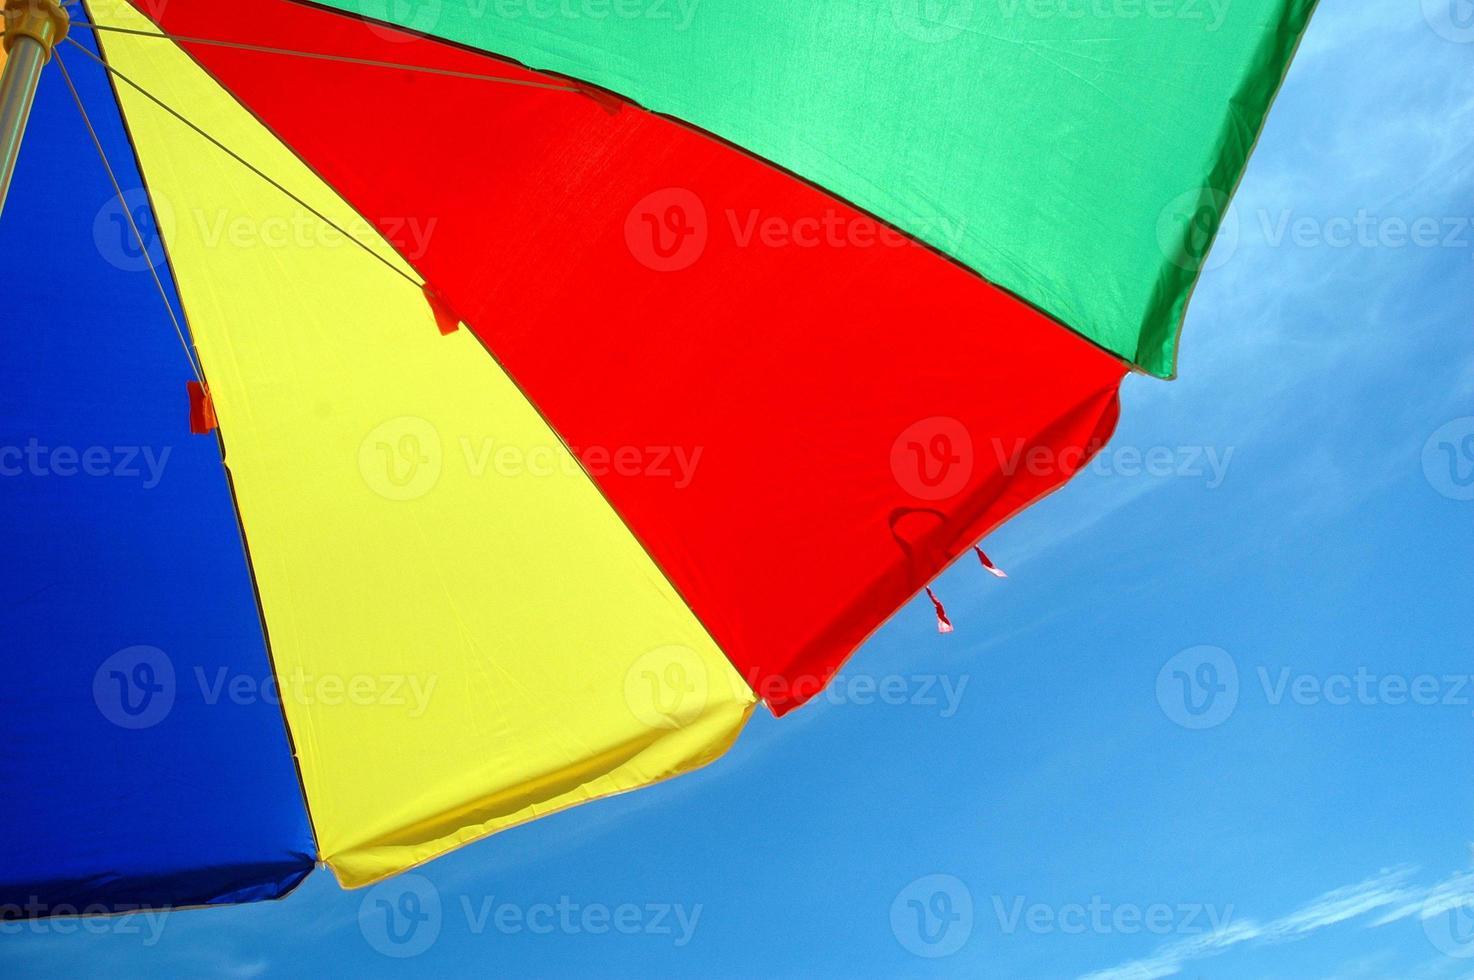 buntes Regenschirmzelt mit blauem Himmelhintergrund foto